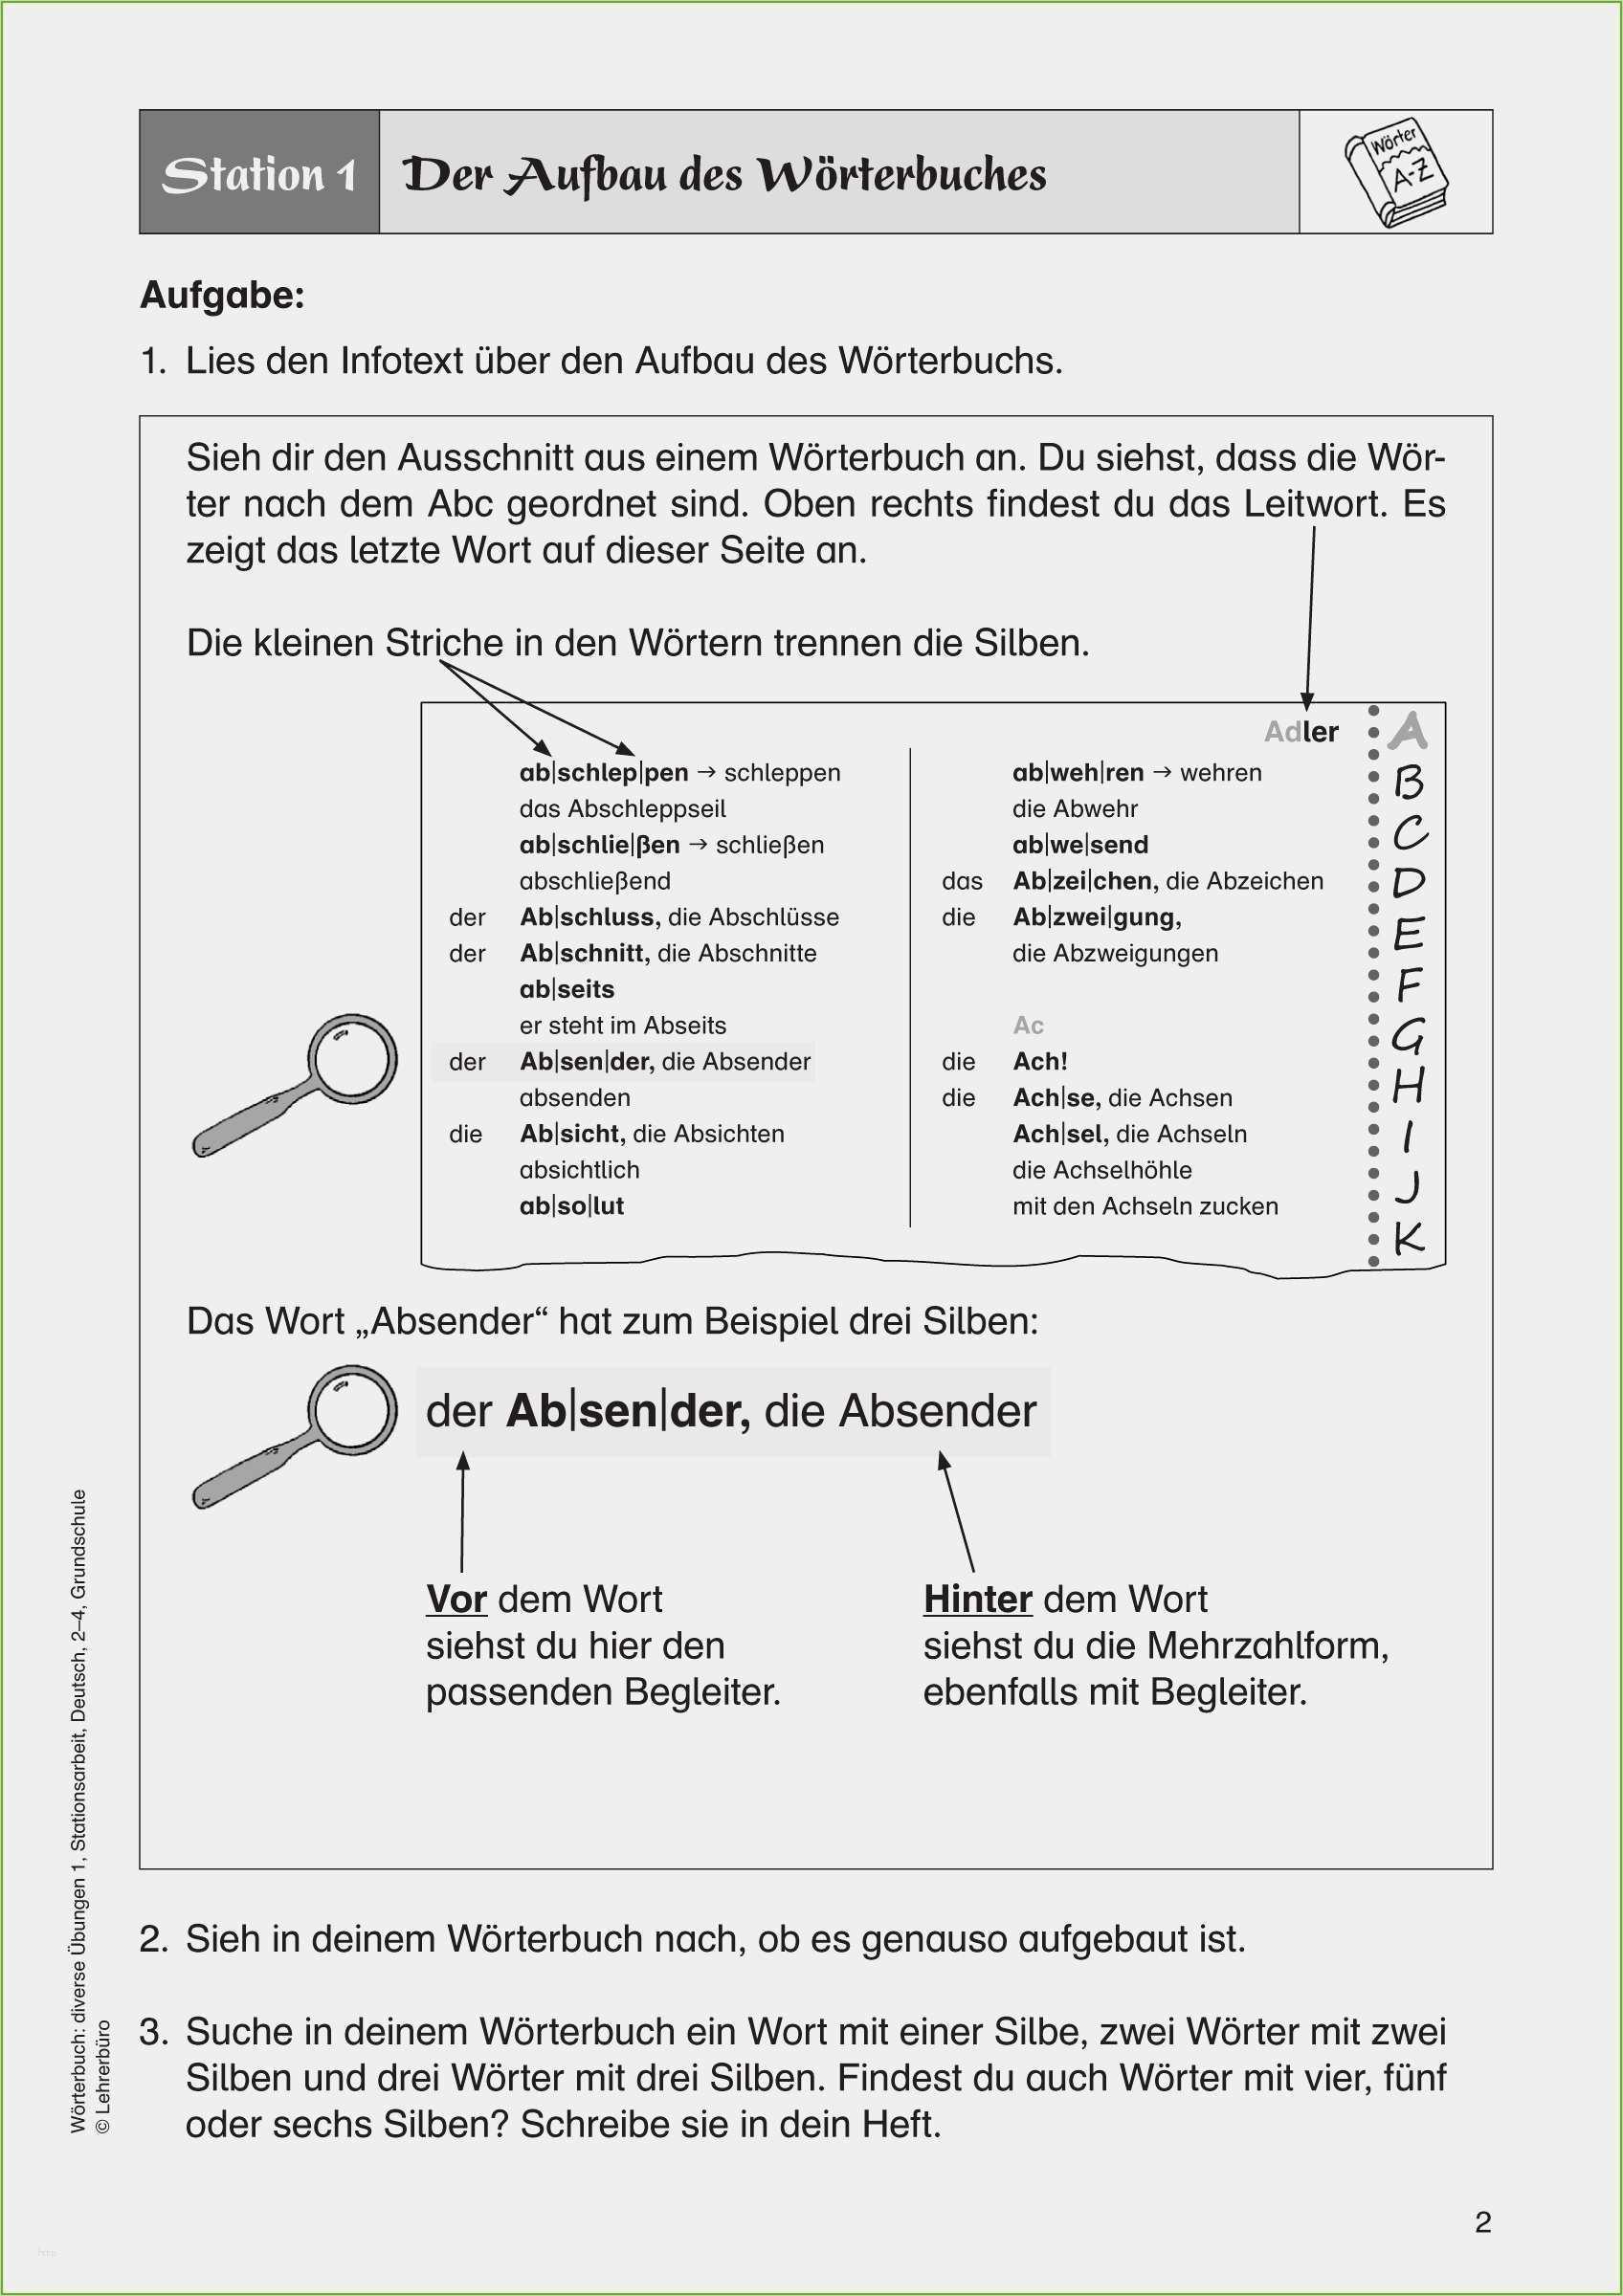 37 Schonste Expression Web 4 Vorlagen Deutsch Ideen In 2020 Vorlagen Zeugnis Vorlage Zertifikat Vorlage